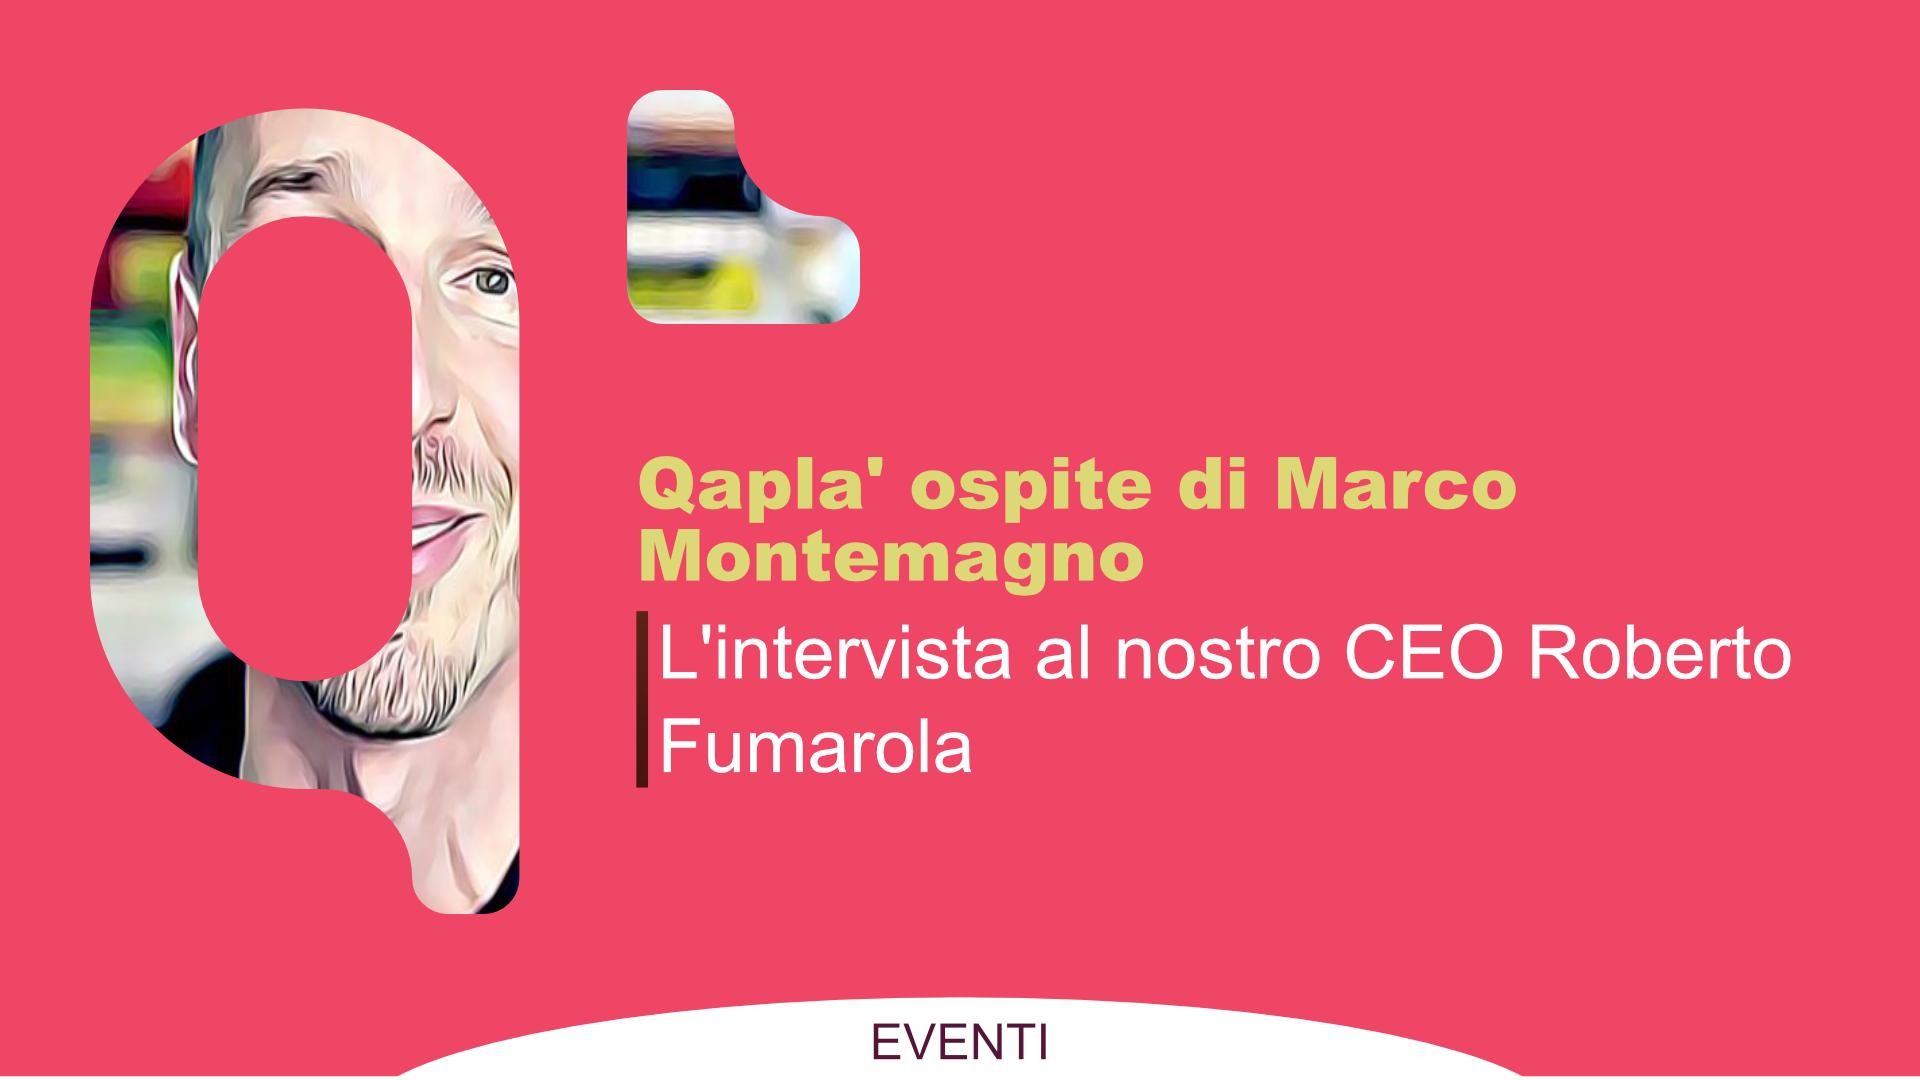 Qapla' ospite di Marco Montemagno: l'intervista